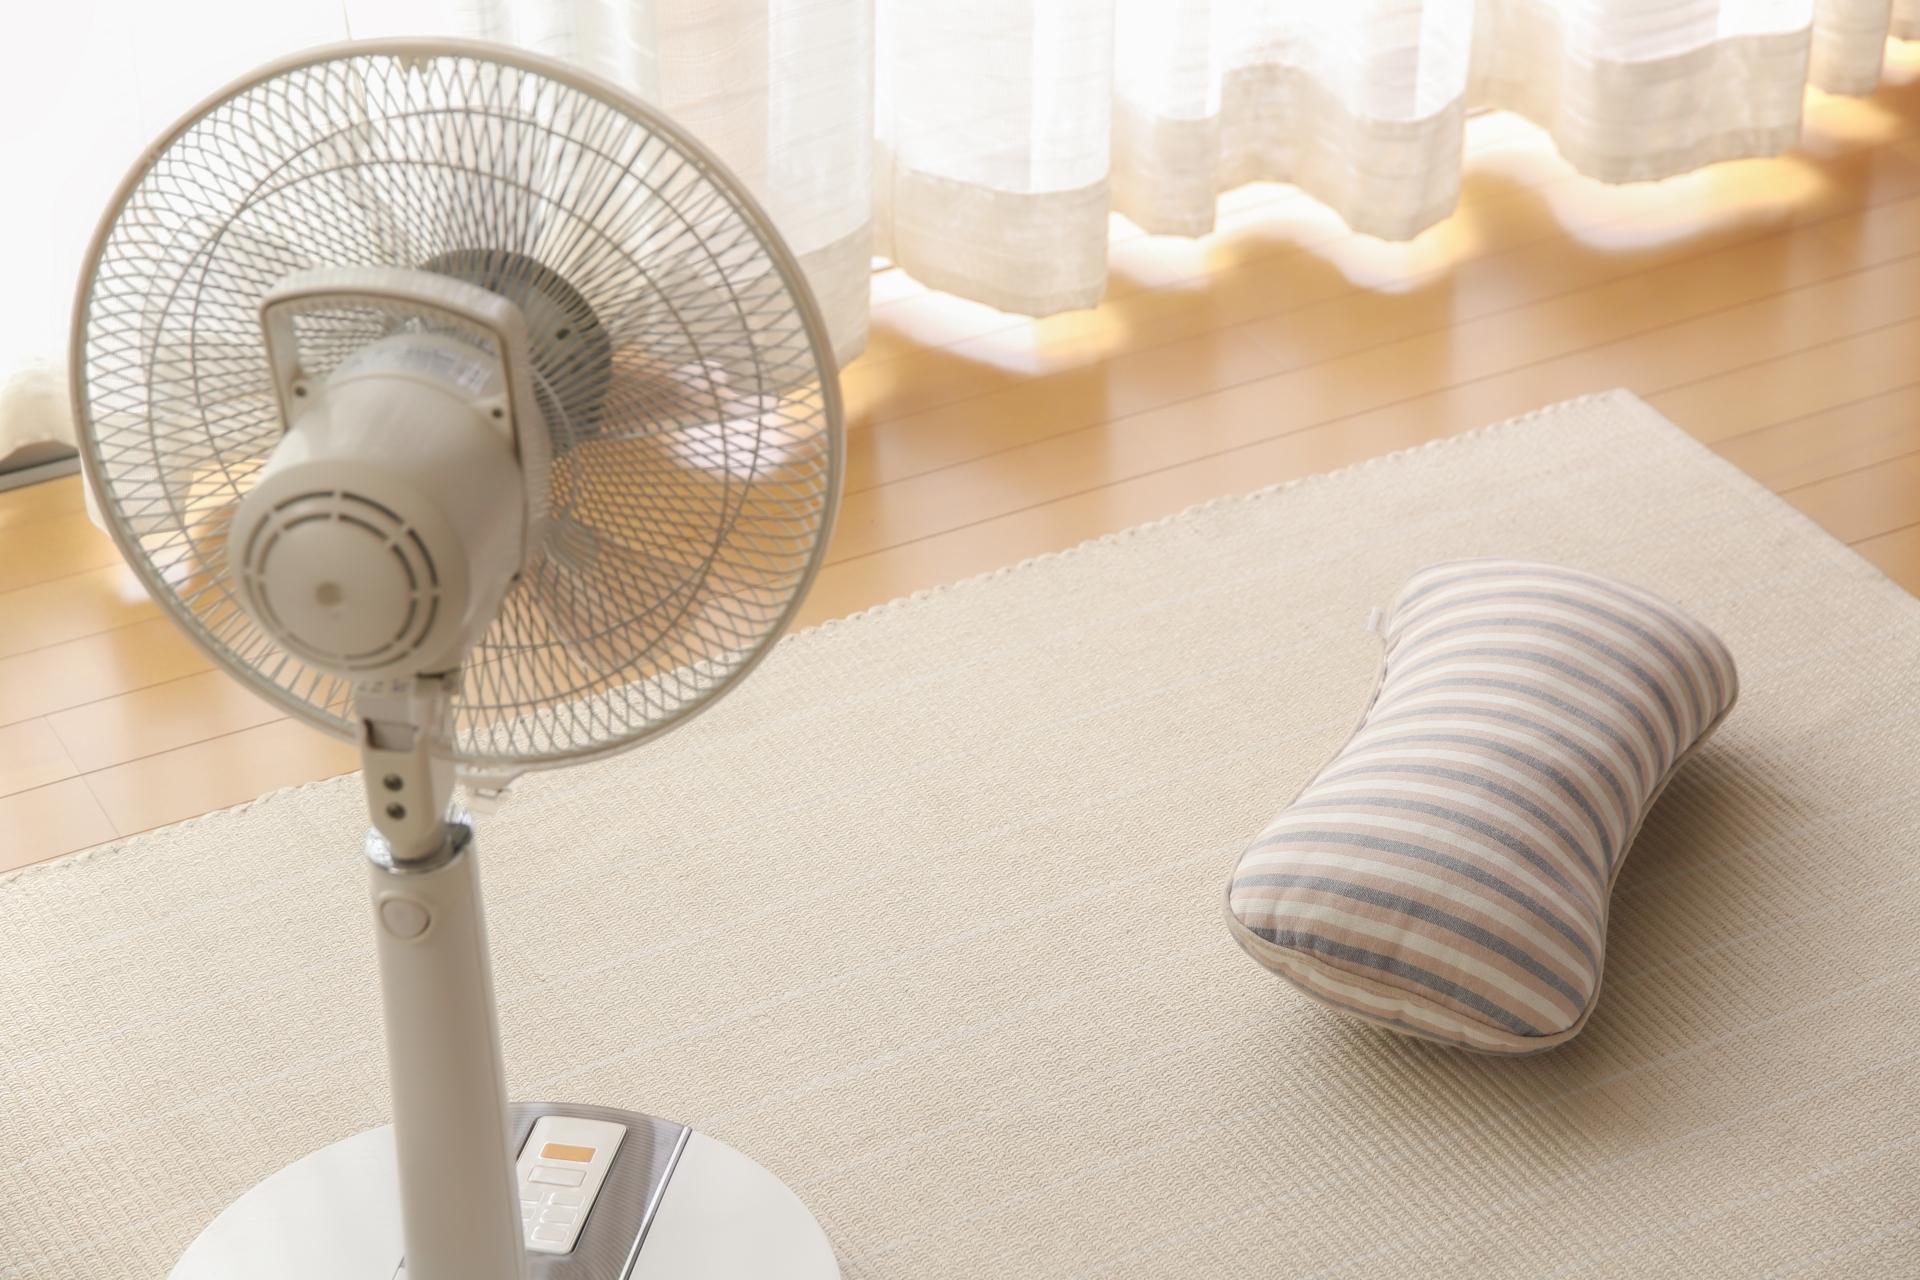 コロナ自粛の夏を乗りきる!室内の熱中症対策とは?暑さがこもりやすい家の特徴も紹介!